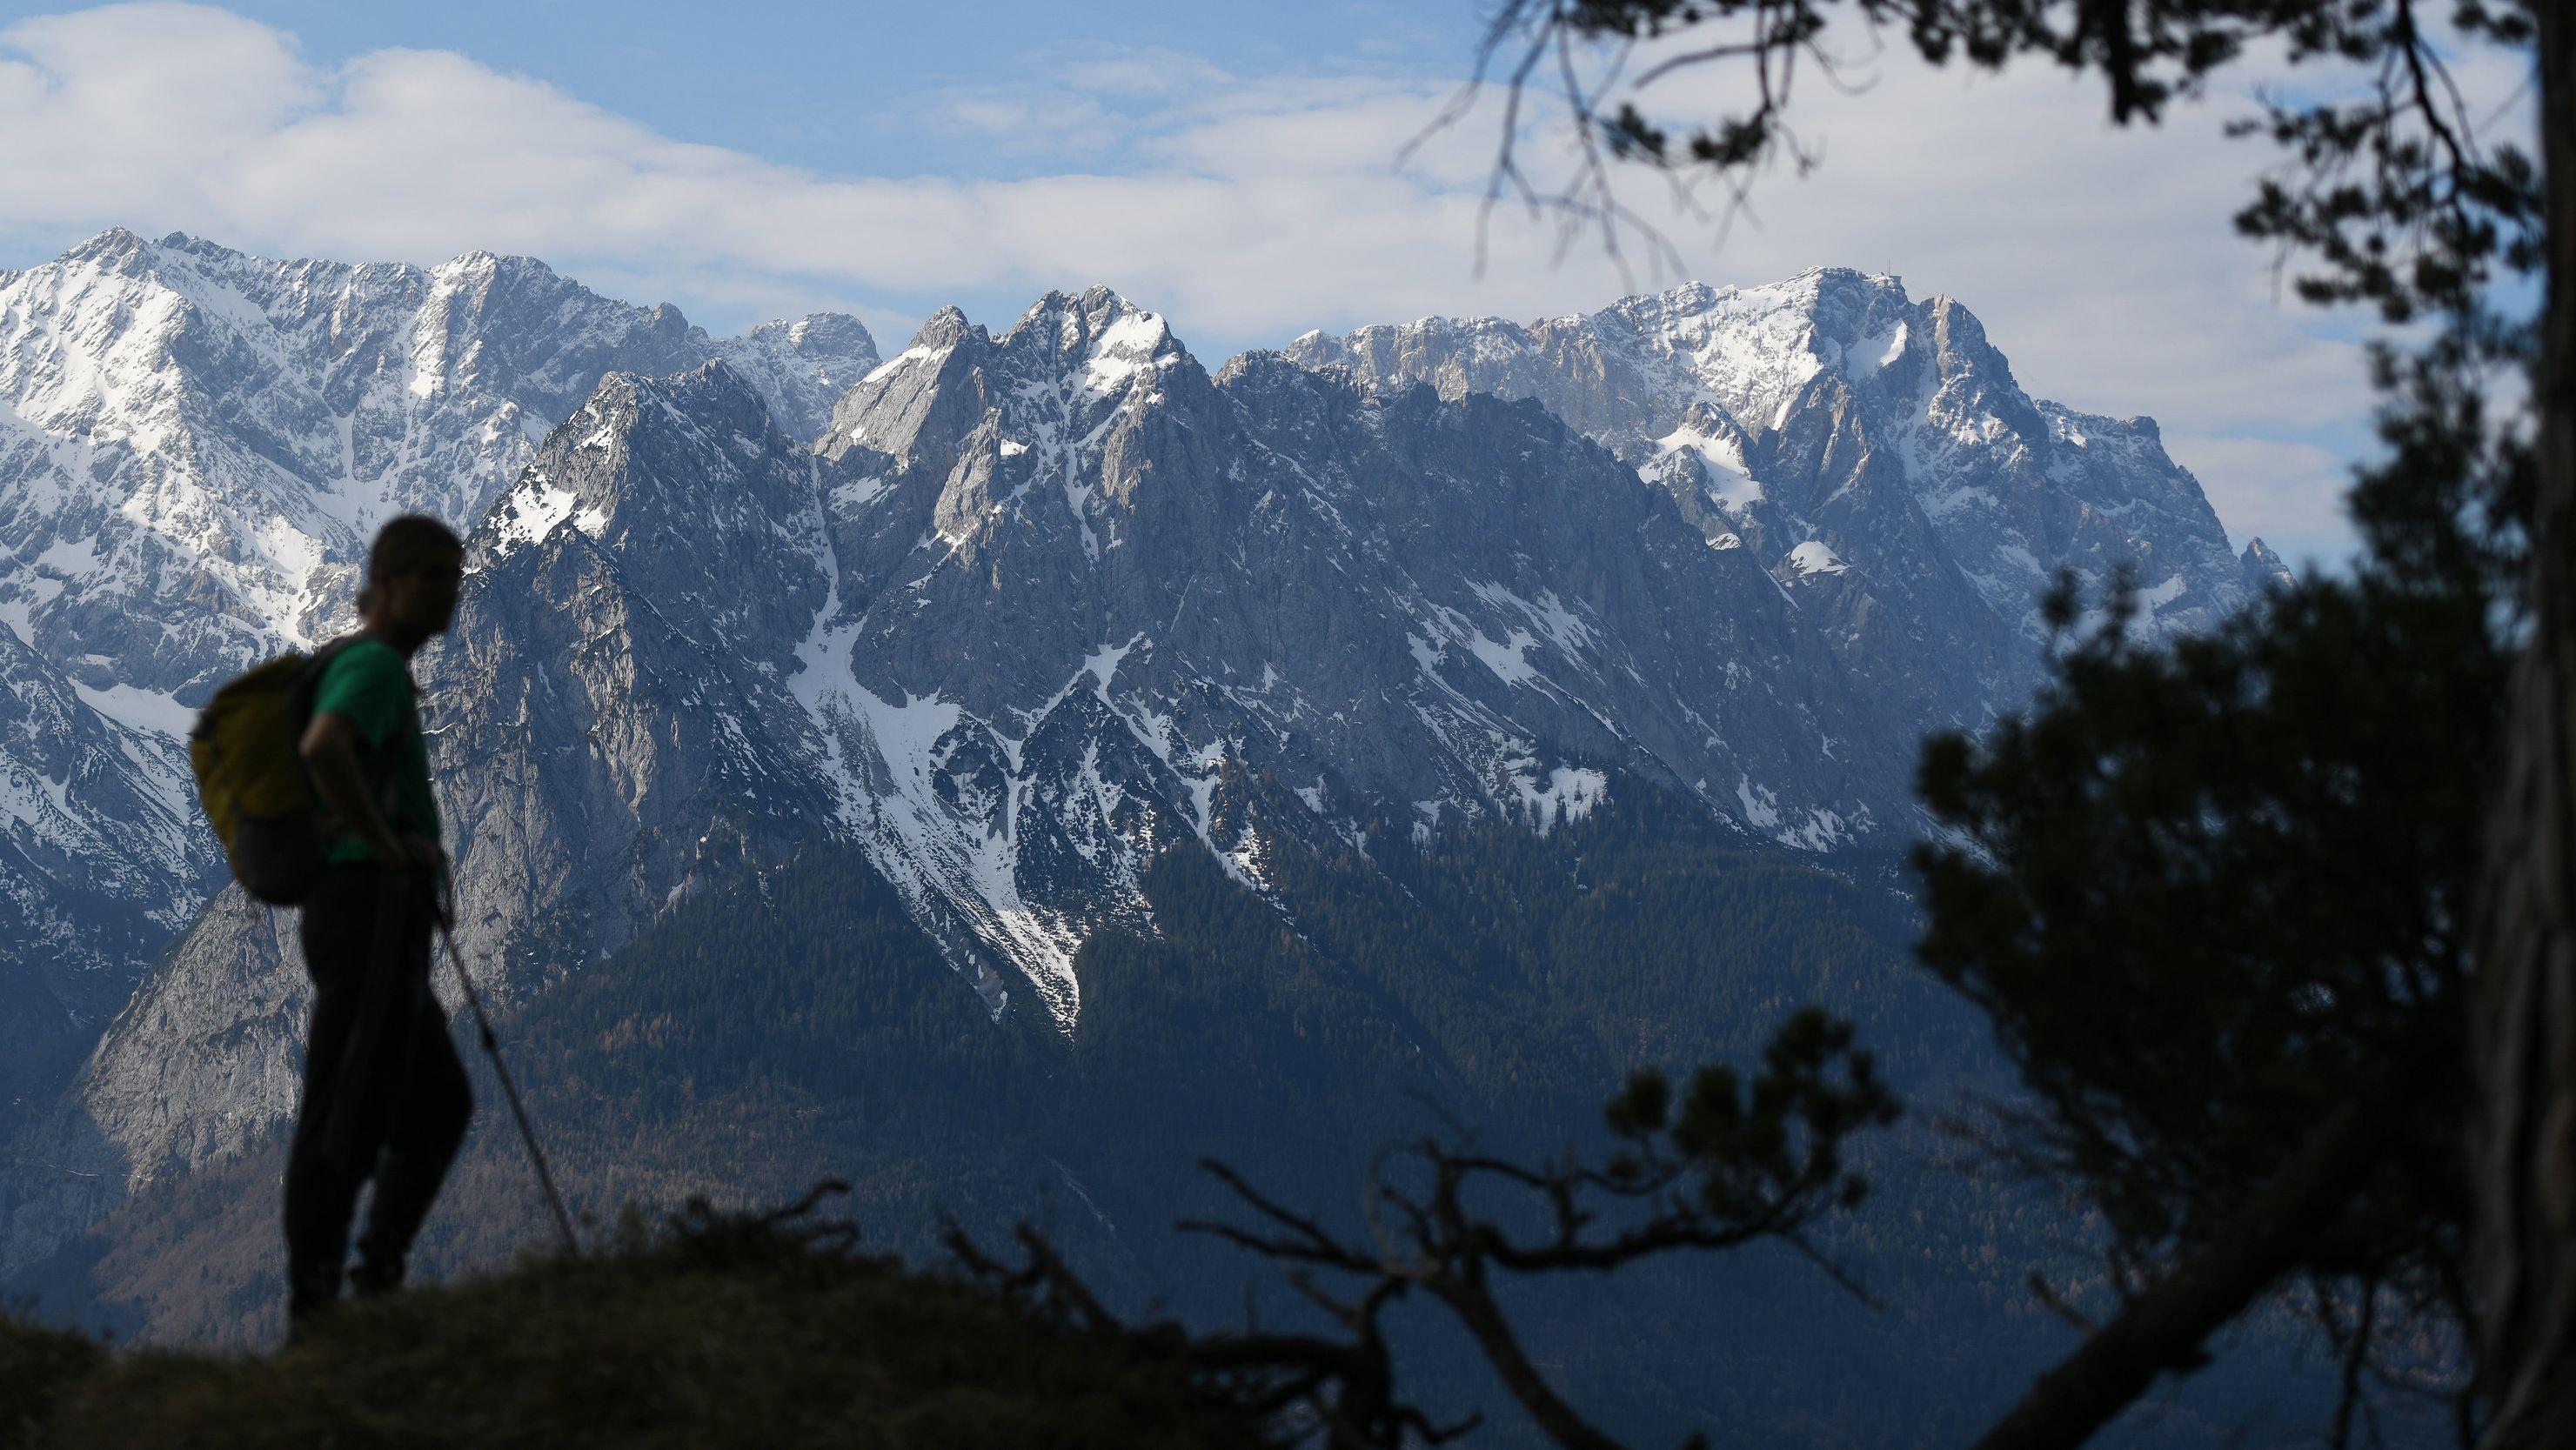 Ein Wanderer schaut auf ein Bergpanorama